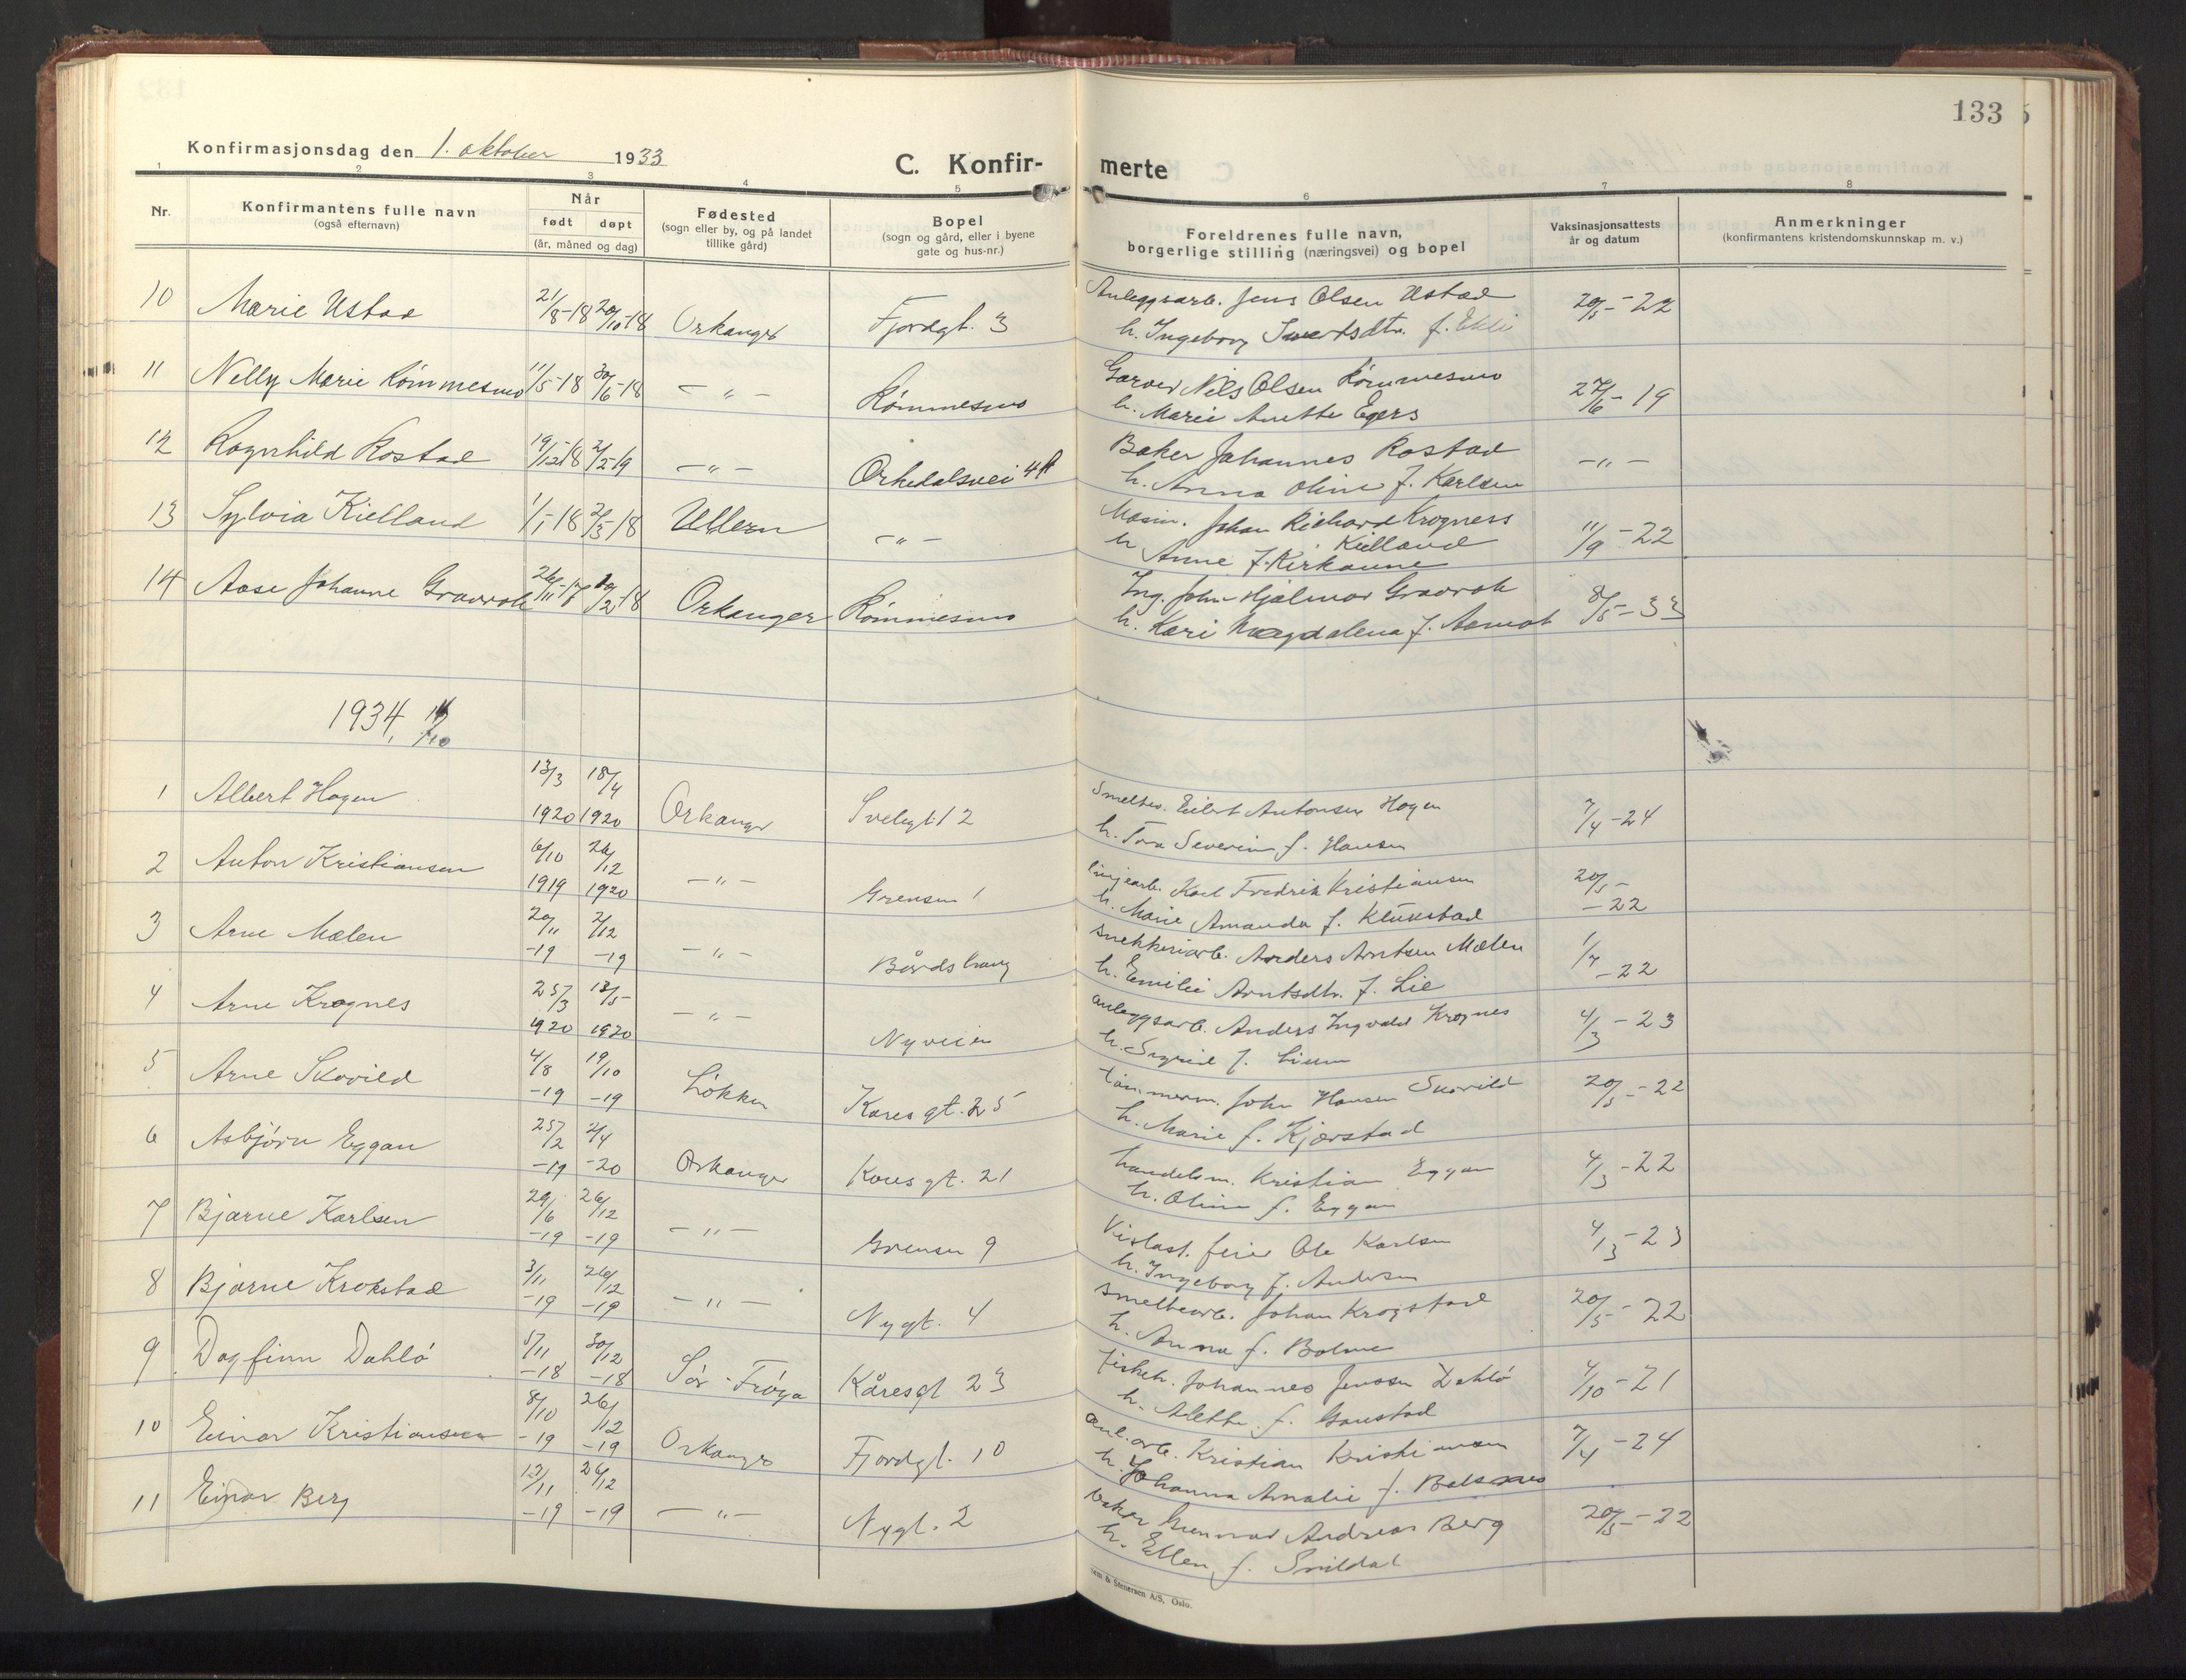 SAT, Ministerialprotokoller, klokkerbøker og fødselsregistre - Sør-Trøndelag, 669/L0832: Klokkerbok nr. 669C02, 1925-1953, s. 133